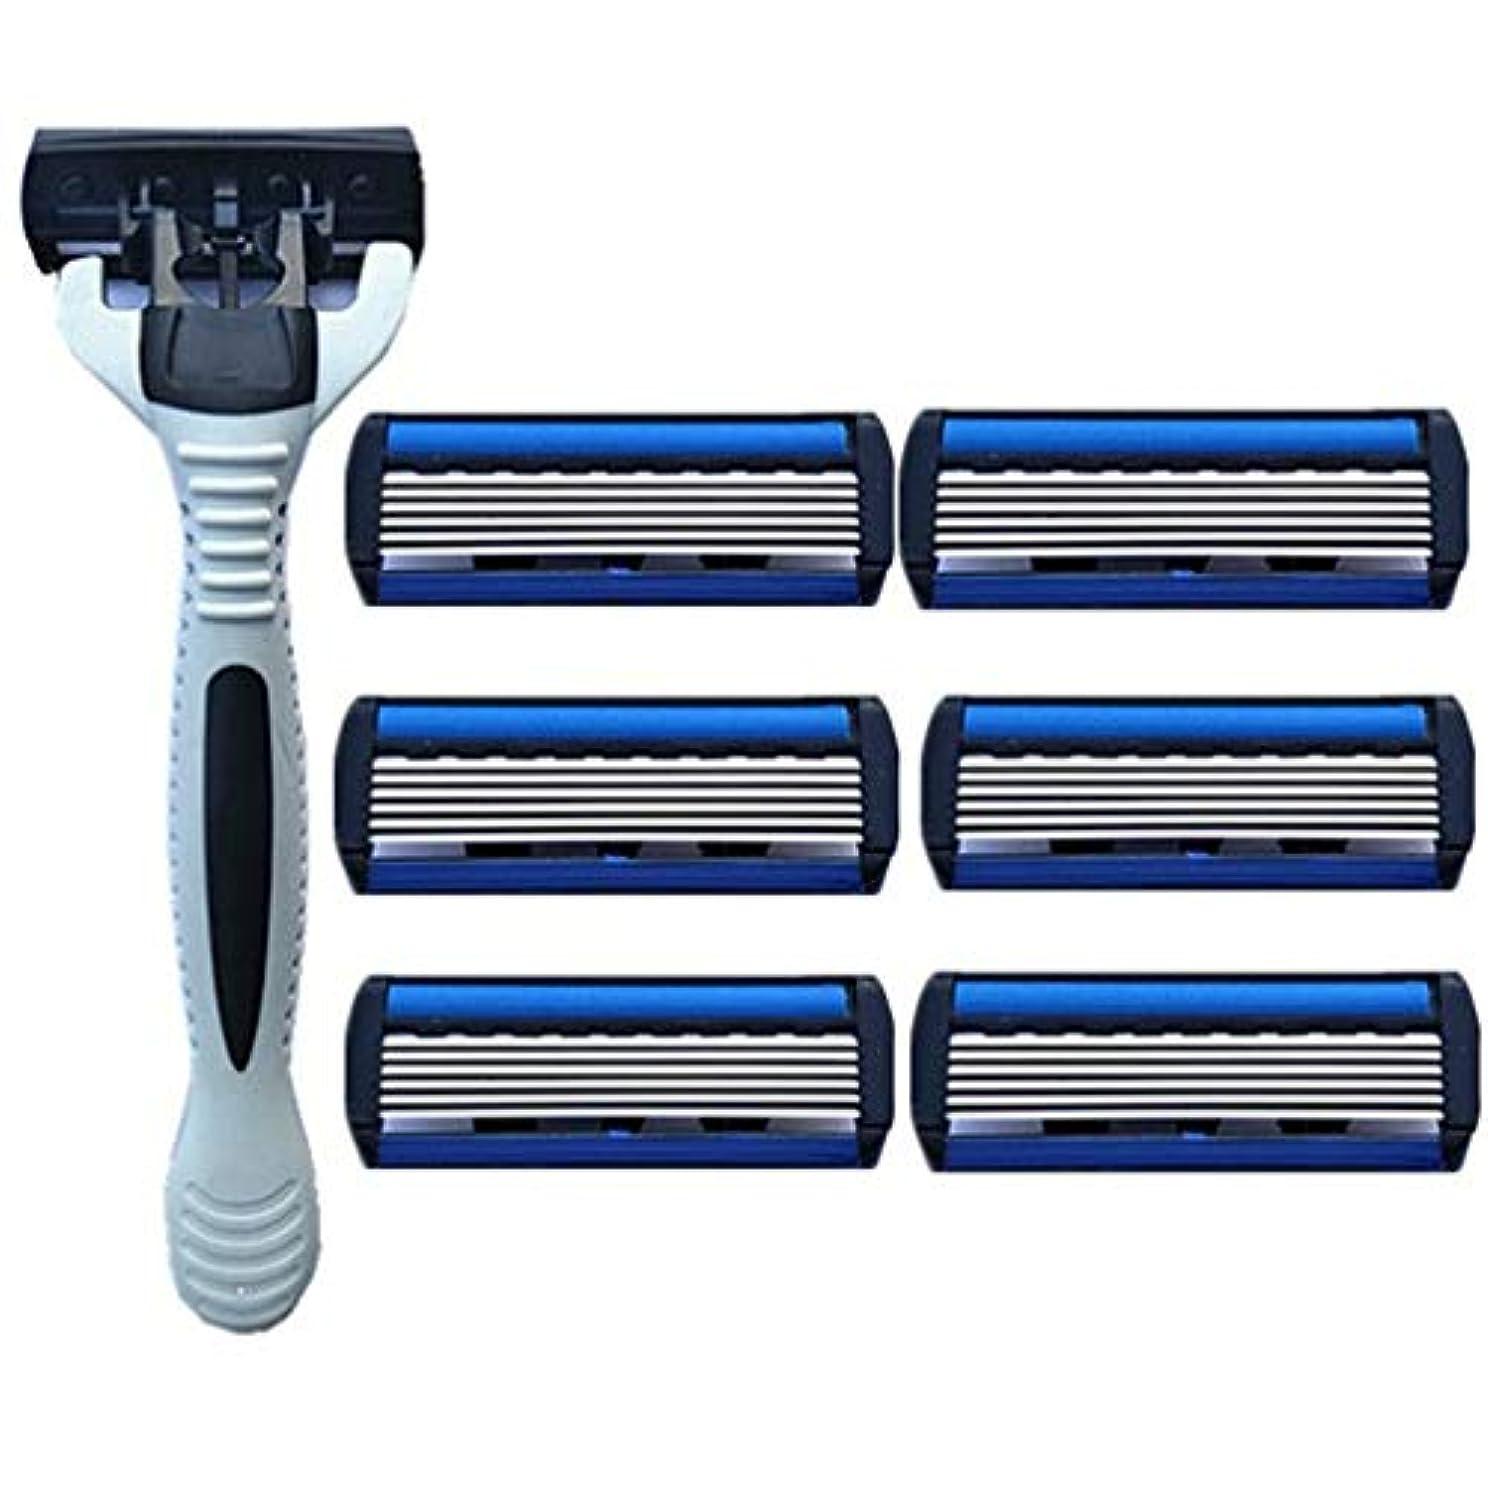 不振アクティビティ無線ブレイドカミソリ7PCSカッターヘッドセットシャープで耐久性のかみそりでポータブルメンズ6層レイザーフレーム